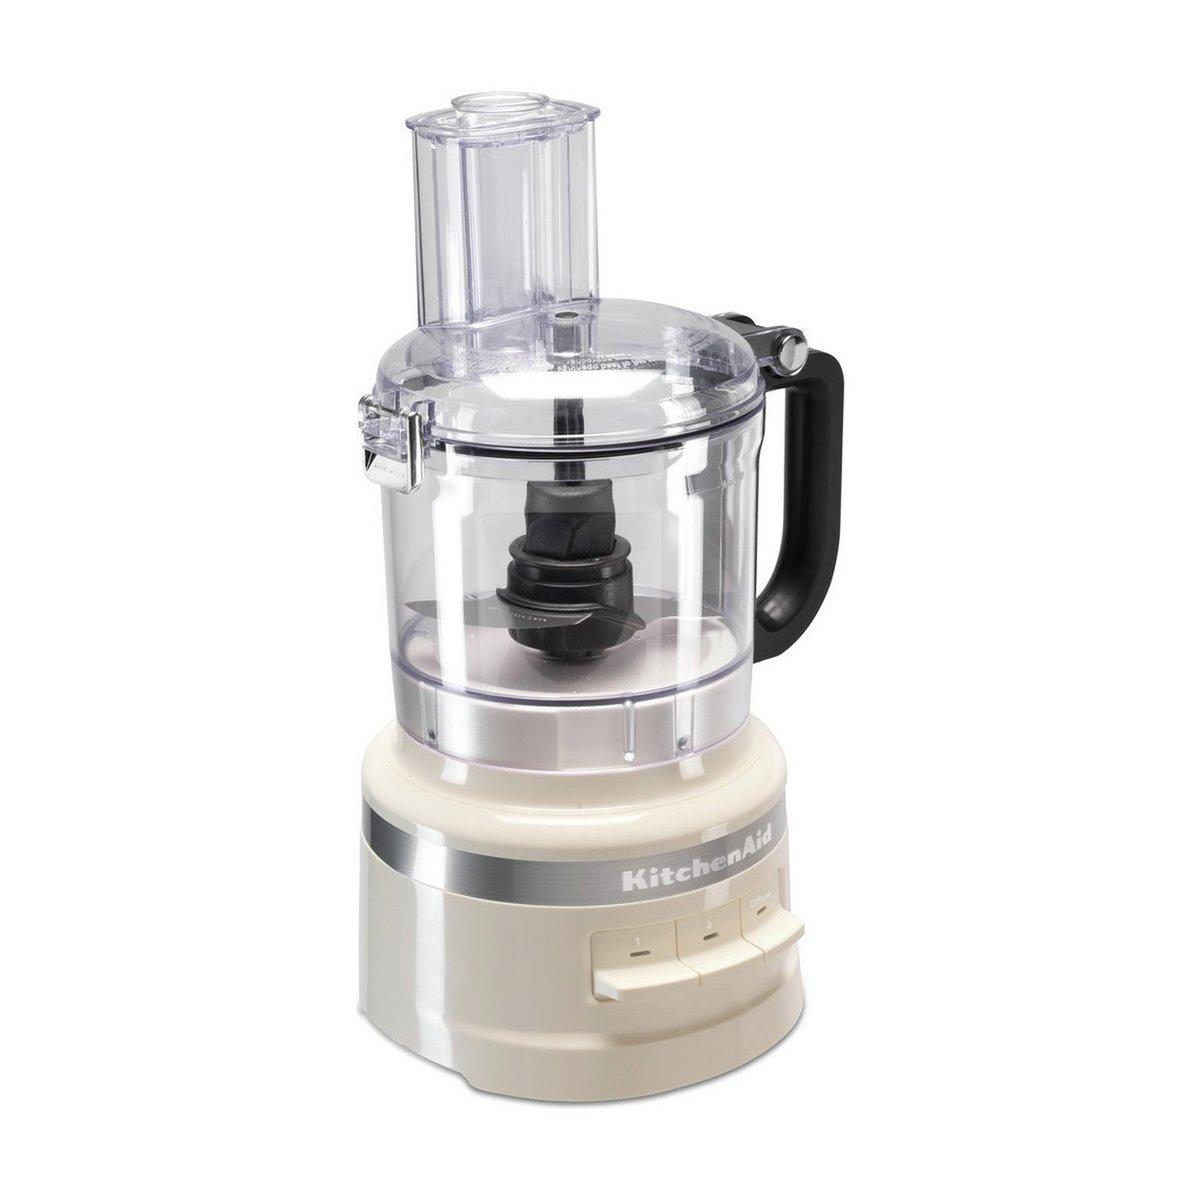 KitchenAid 5KFP0719BAC 1.7L Food Processor, Almond Cream